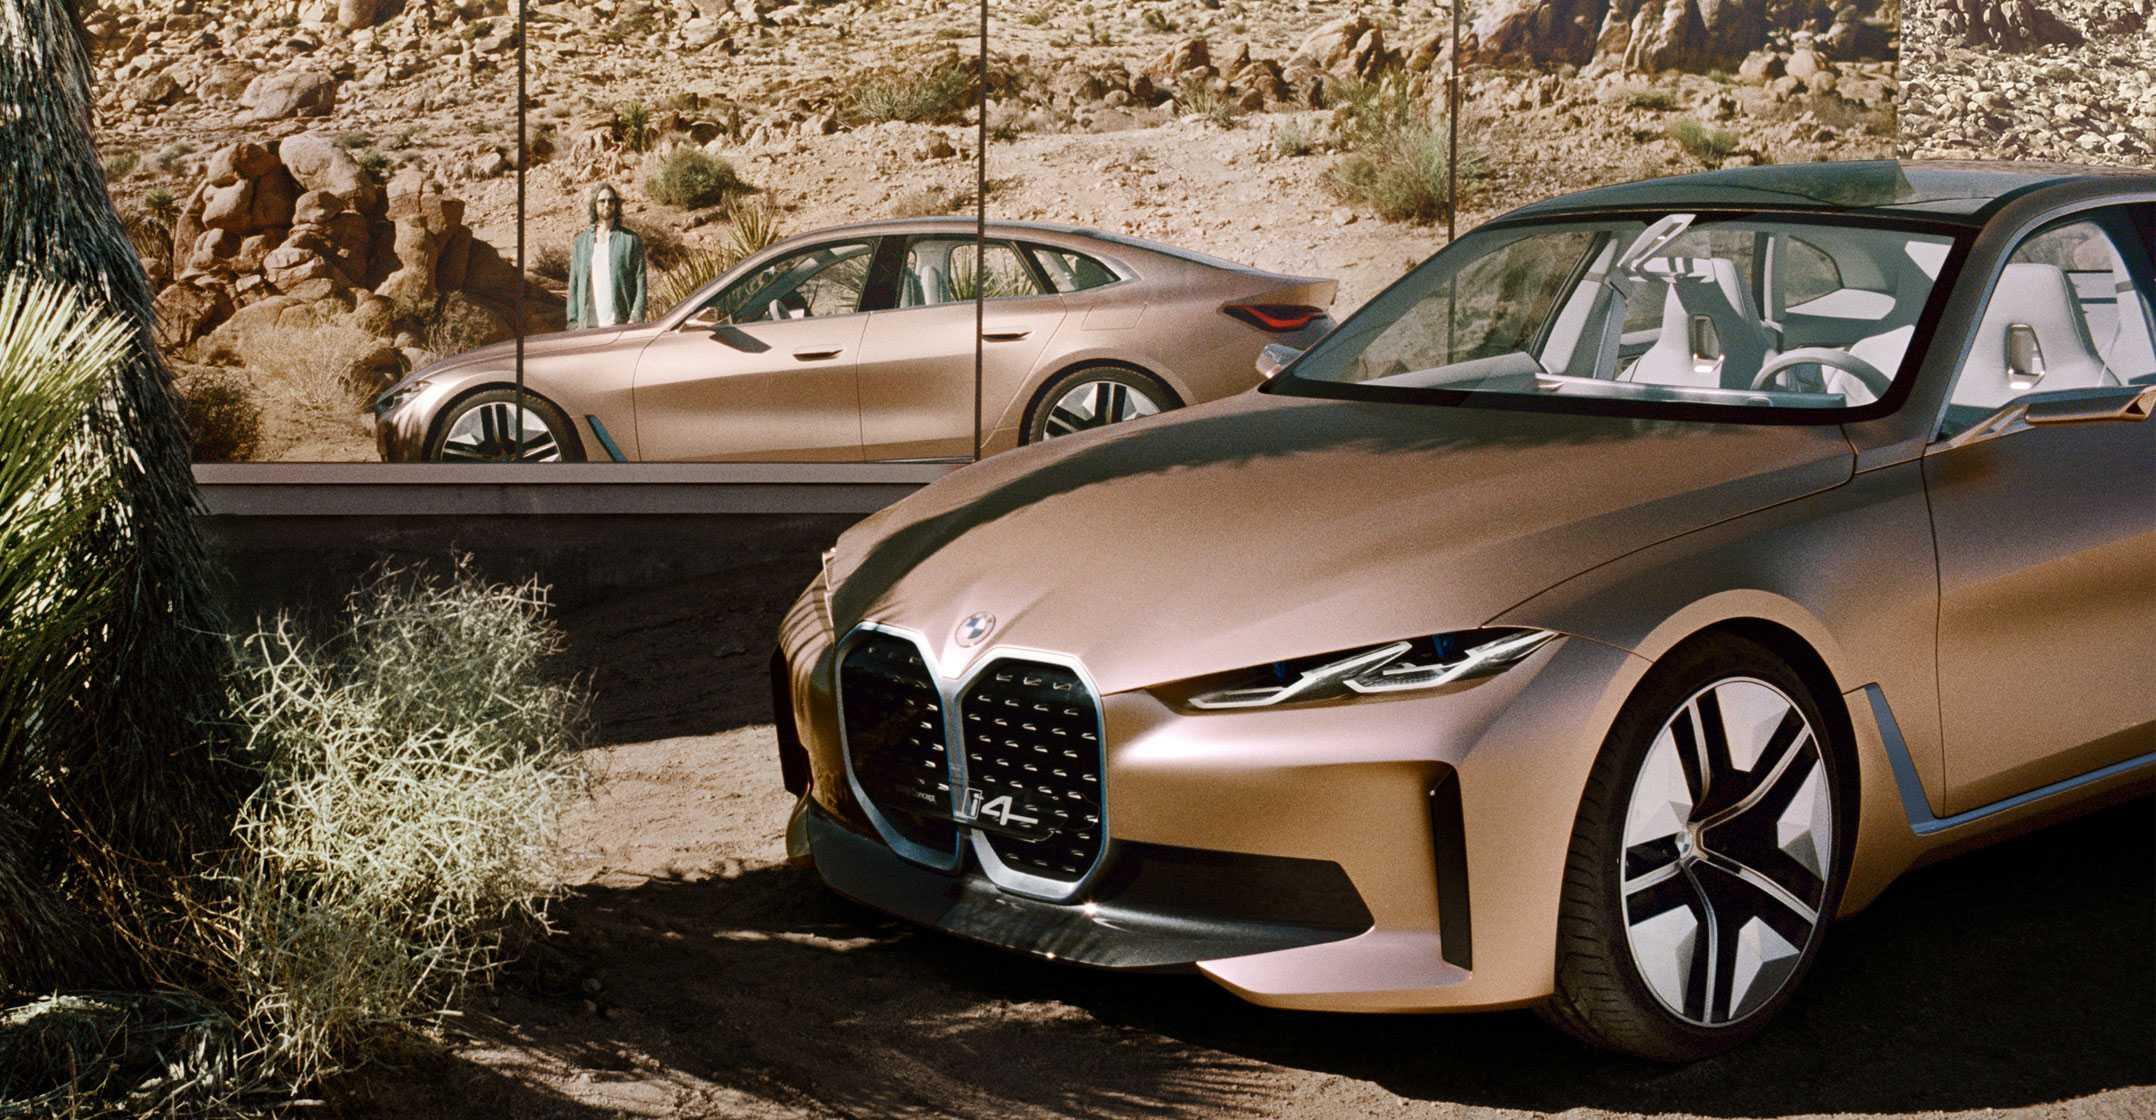 Немецкий BMW представил новое поколение своего электрического кроссовера IX который появится в продаже летом 2021 года